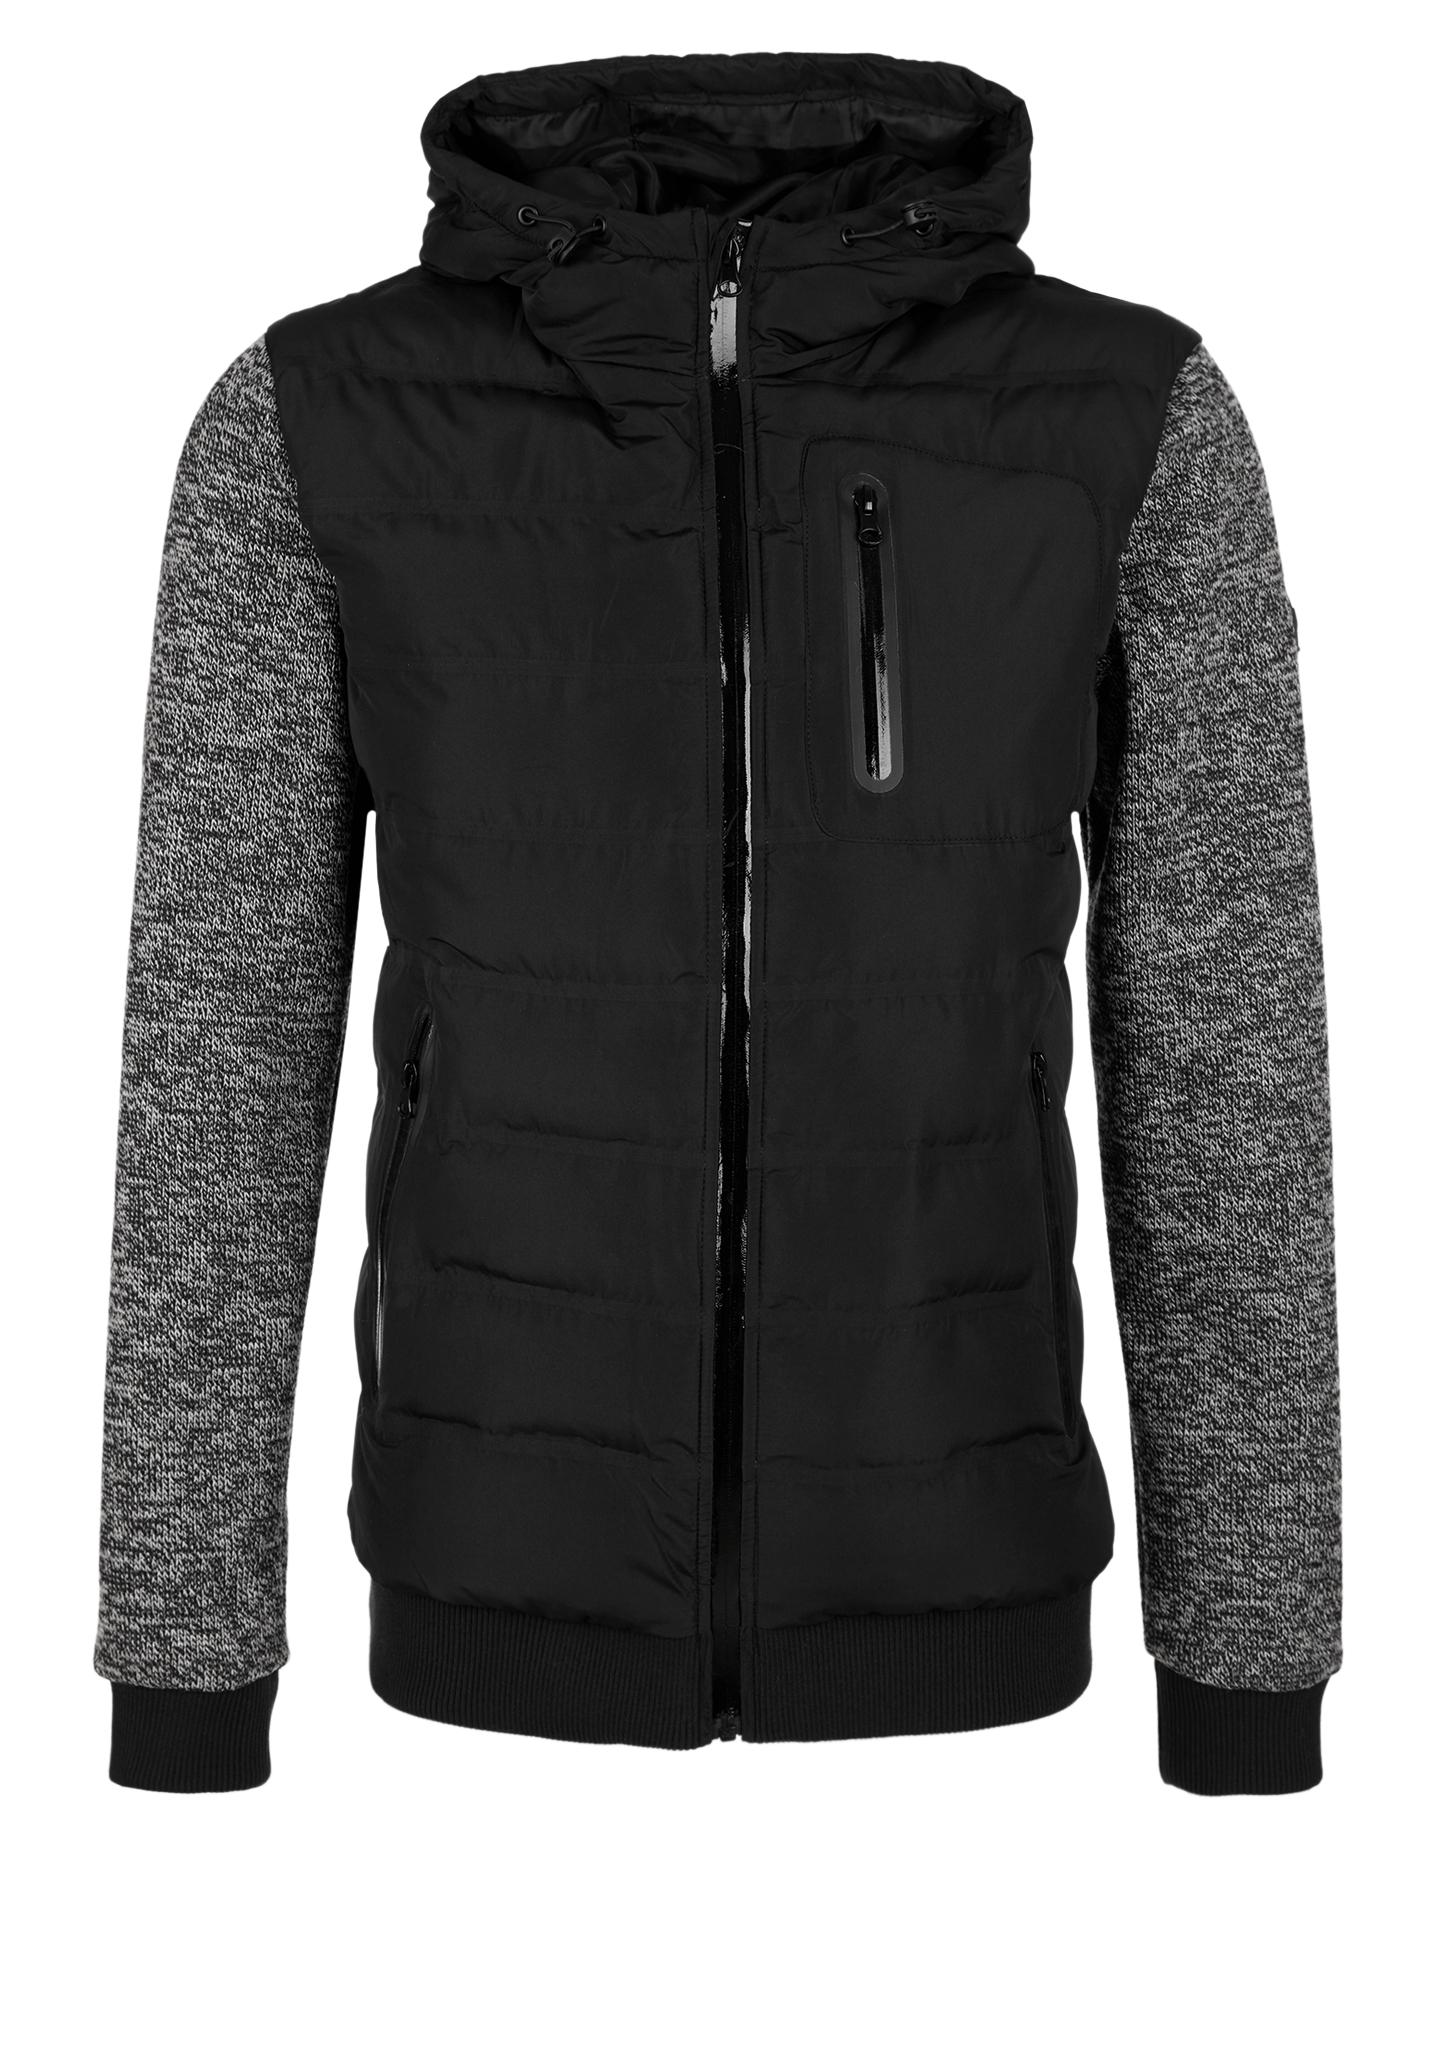 Outdoor-Jacke | Sportbekleidung | Grau/schwarz | Obermaterial 100% polyester| manschetten/bund 65% polyester -  35% baumwolle -  obermaterial b 100% polyester futter 100% polyester| füllmaterial 100% polyester | s.Oliver